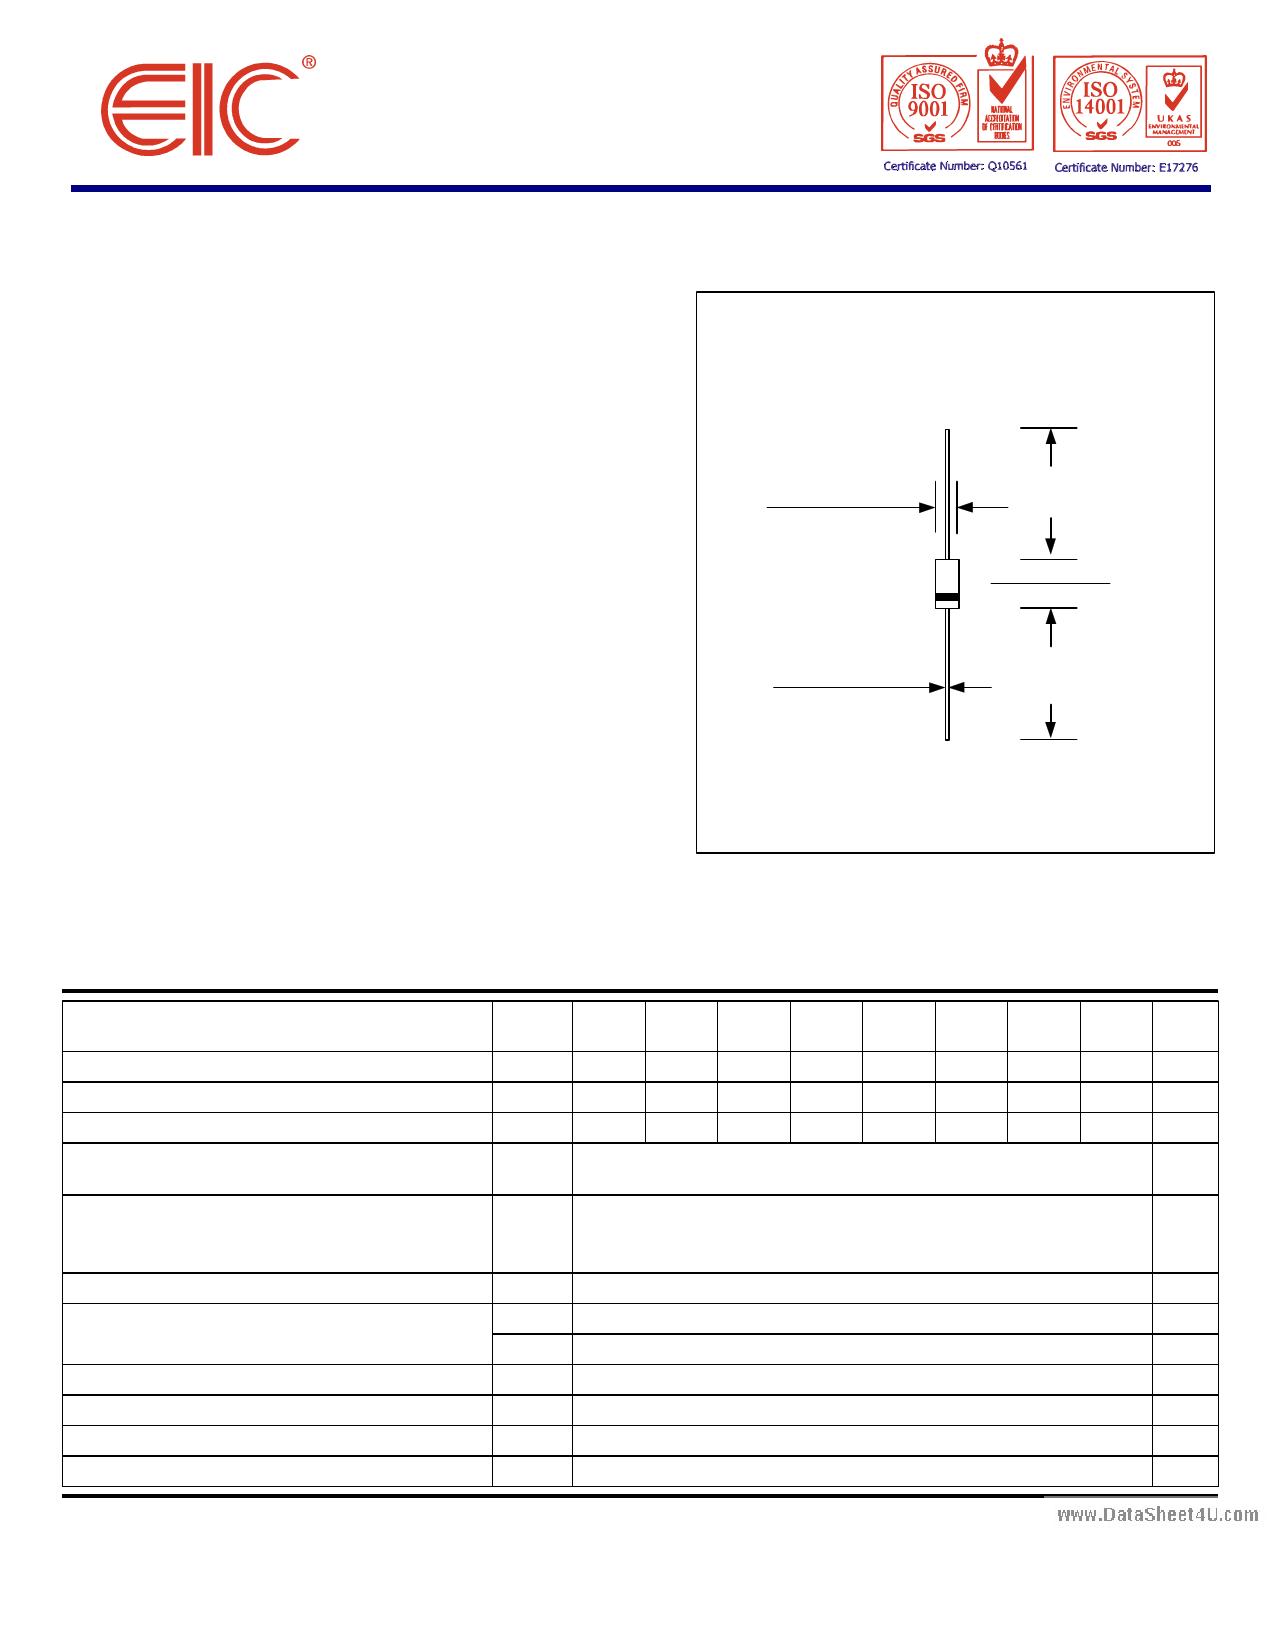 1N4007G Datasheet, 1N4007G PDF,ピン配置, 機能